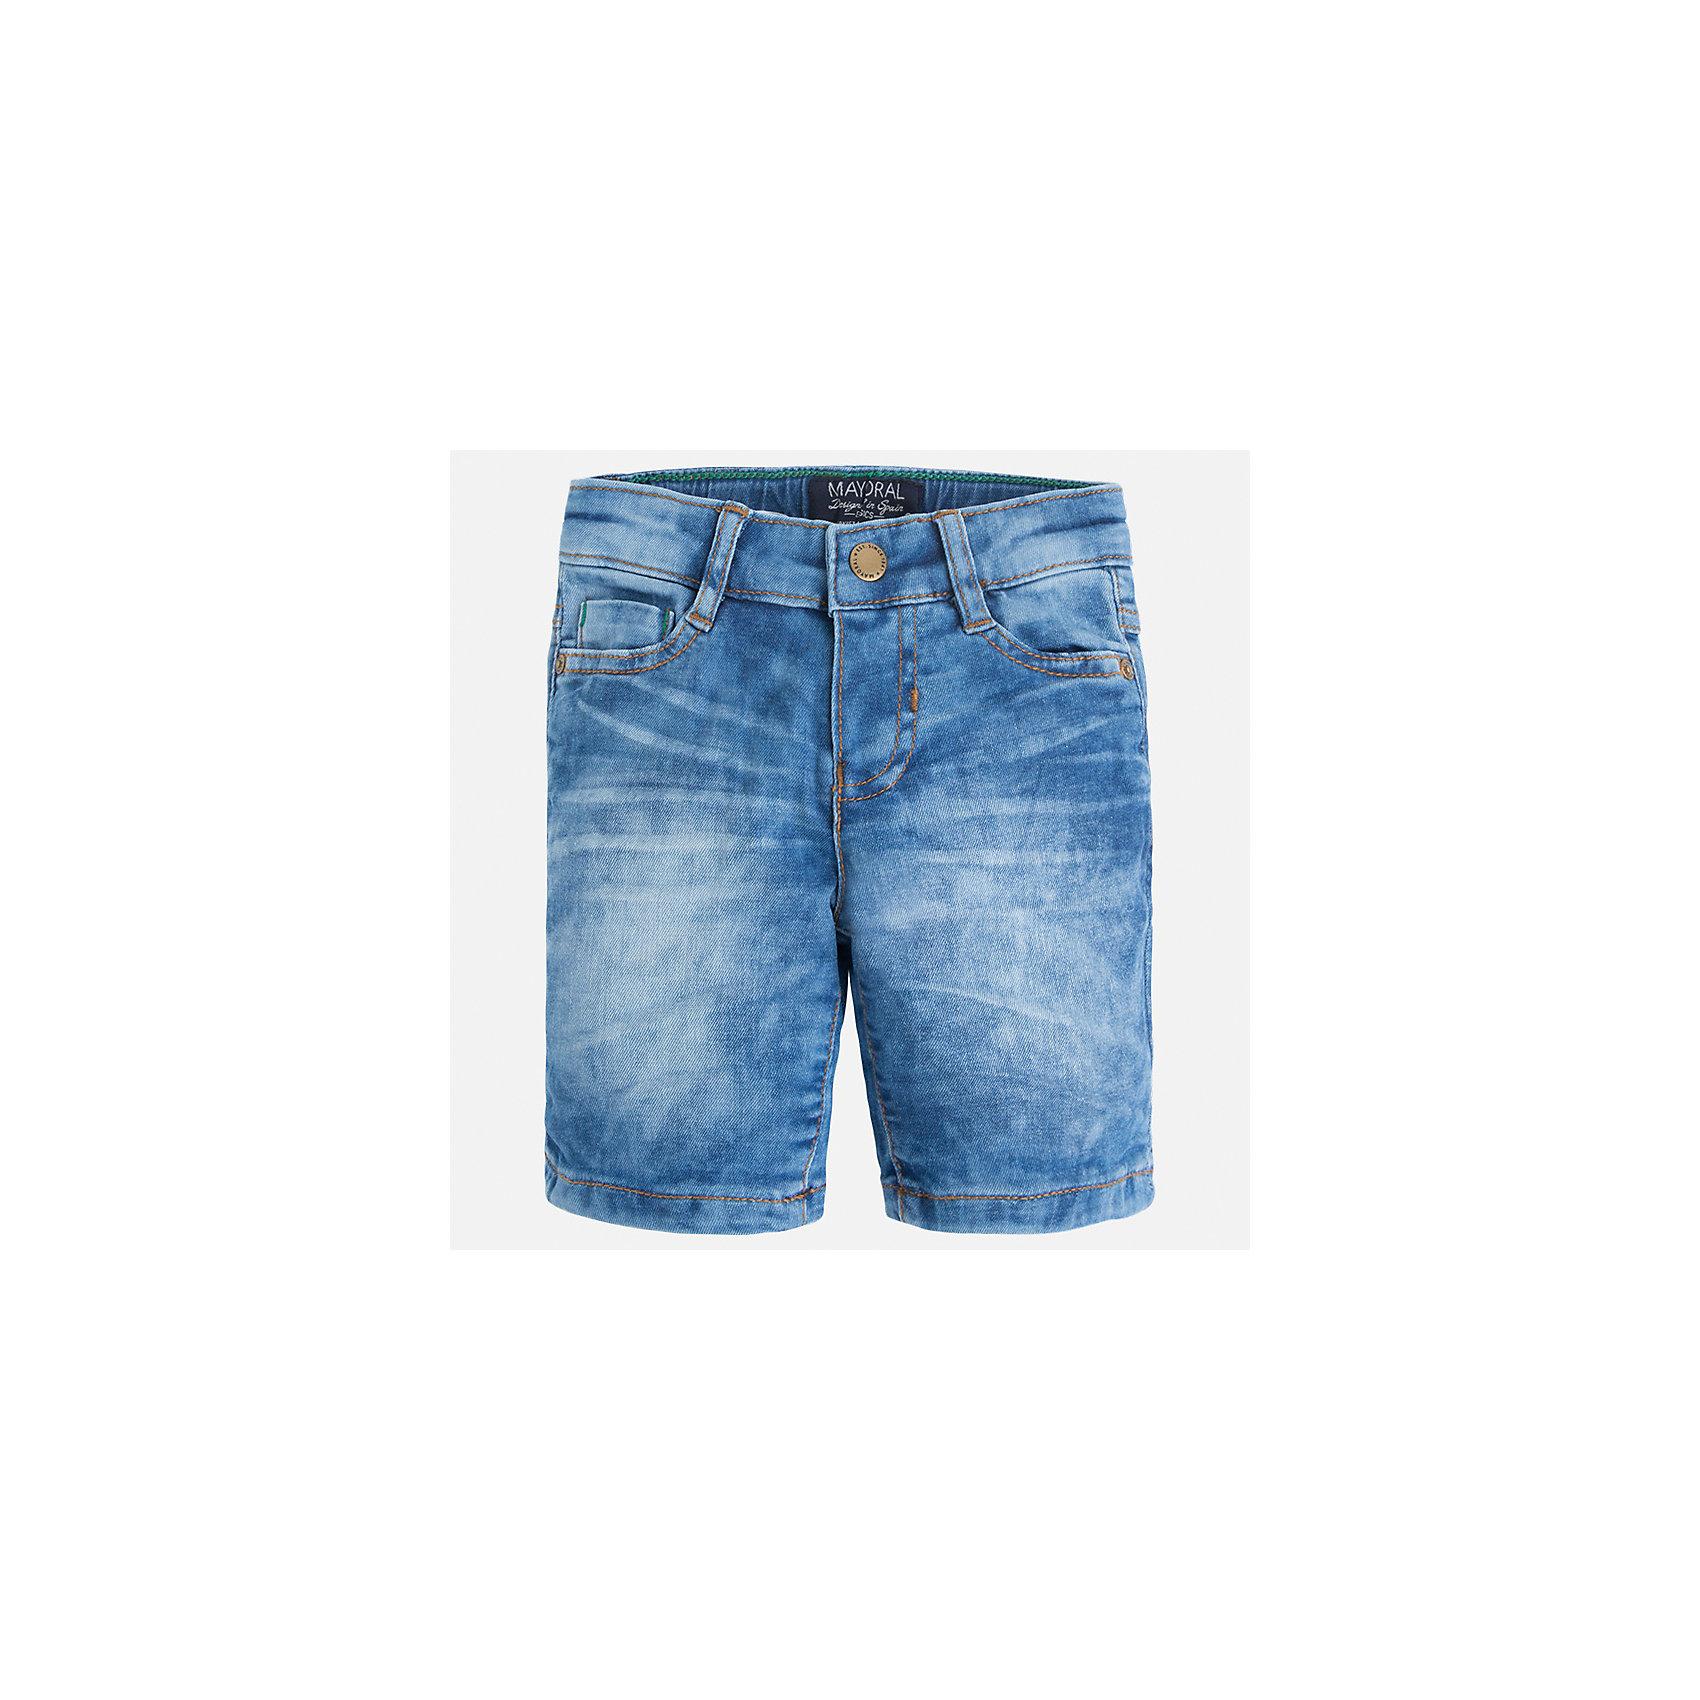 Бриджи джинсовые для мальчика MayoralДжинсовая одежда<br>Характеристики товара:<br><br>• цвет: синий<br>• состав: 97% хлопок, 3% эластан<br>• шлевки<br>• карманы<br>• пояс с регулировкой объема<br>• имитация потертости<br>• страна бренда: Испания<br><br>Модные бриджи для мальчика смогут стать базовой вещью в гардеробе ребенка. Они отлично сочетаются с майками, футболками, рубашками и т.д. Универсальный крой и цвет позволяет подобрать к вещи верх разных расцветок. Практичное и стильное изделие! В составе материала - натуральный хлопок, гипоаллергенный, приятный на ощупь, дышащий.<br><br>Одежда, обувь и аксессуары от испанского бренда Mayoral полюбились детям и взрослым по всему миру. Модели этой марки - стильные и удобные. Для их производства используются только безопасные, качественные материалы и фурнитура. Порадуйте ребенка модными и красивыми вещами от Mayoral! <br><br>Бриджи для мальчика от испанского бренда Mayoral (Майорал) можно купить в нашем интернет-магазине.<br><br>Ширина мм: 191<br>Глубина мм: 10<br>Высота мм: 175<br>Вес г: 273<br>Цвет: синий<br>Возраст от месяцев: 18<br>Возраст до месяцев: 24<br>Пол: Мужской<br>Возраст: Детский<br>Размер: 92,122,110,134,128,116,104,98<br>SKU: 5272594